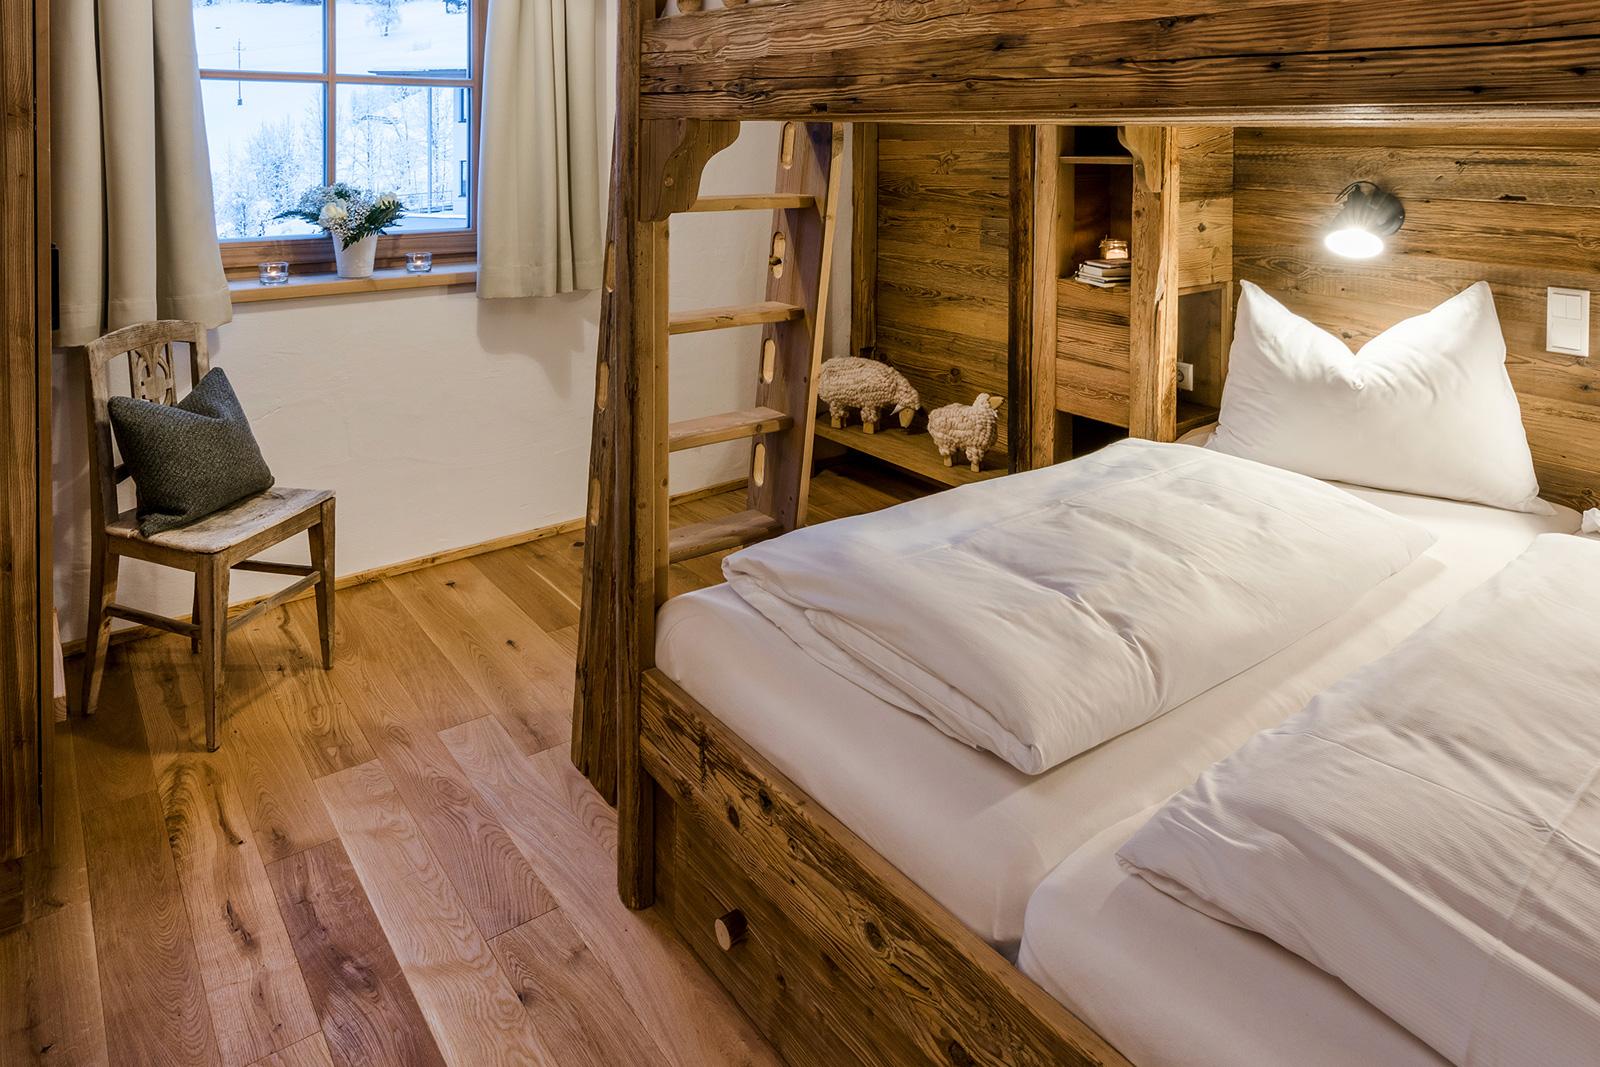 Schlafzimmer in der Lodge Tappenkarsee